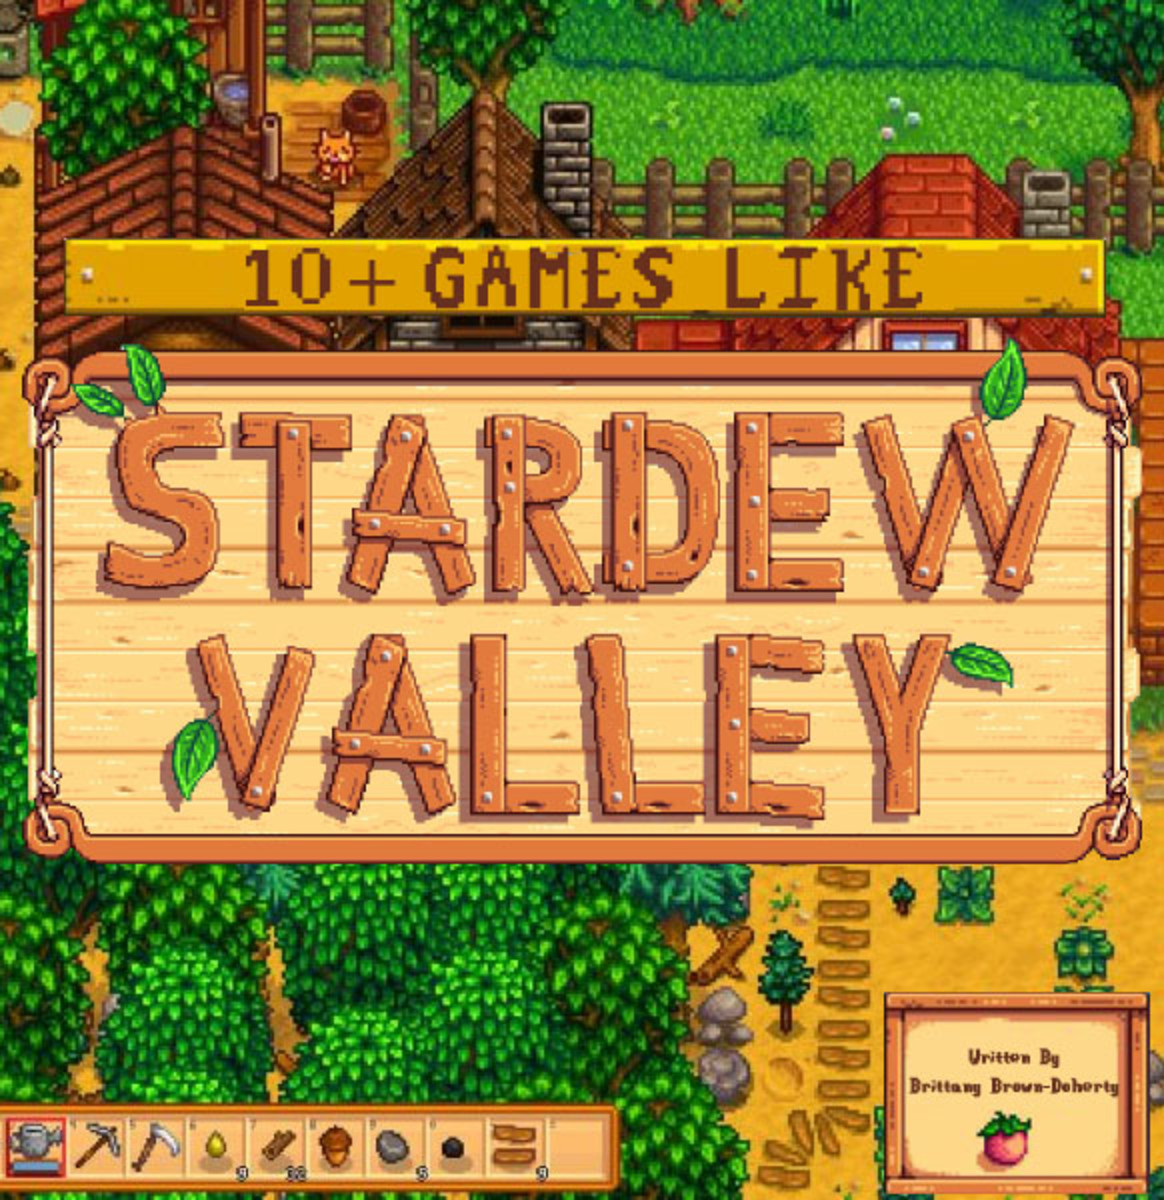 10+ Games Like